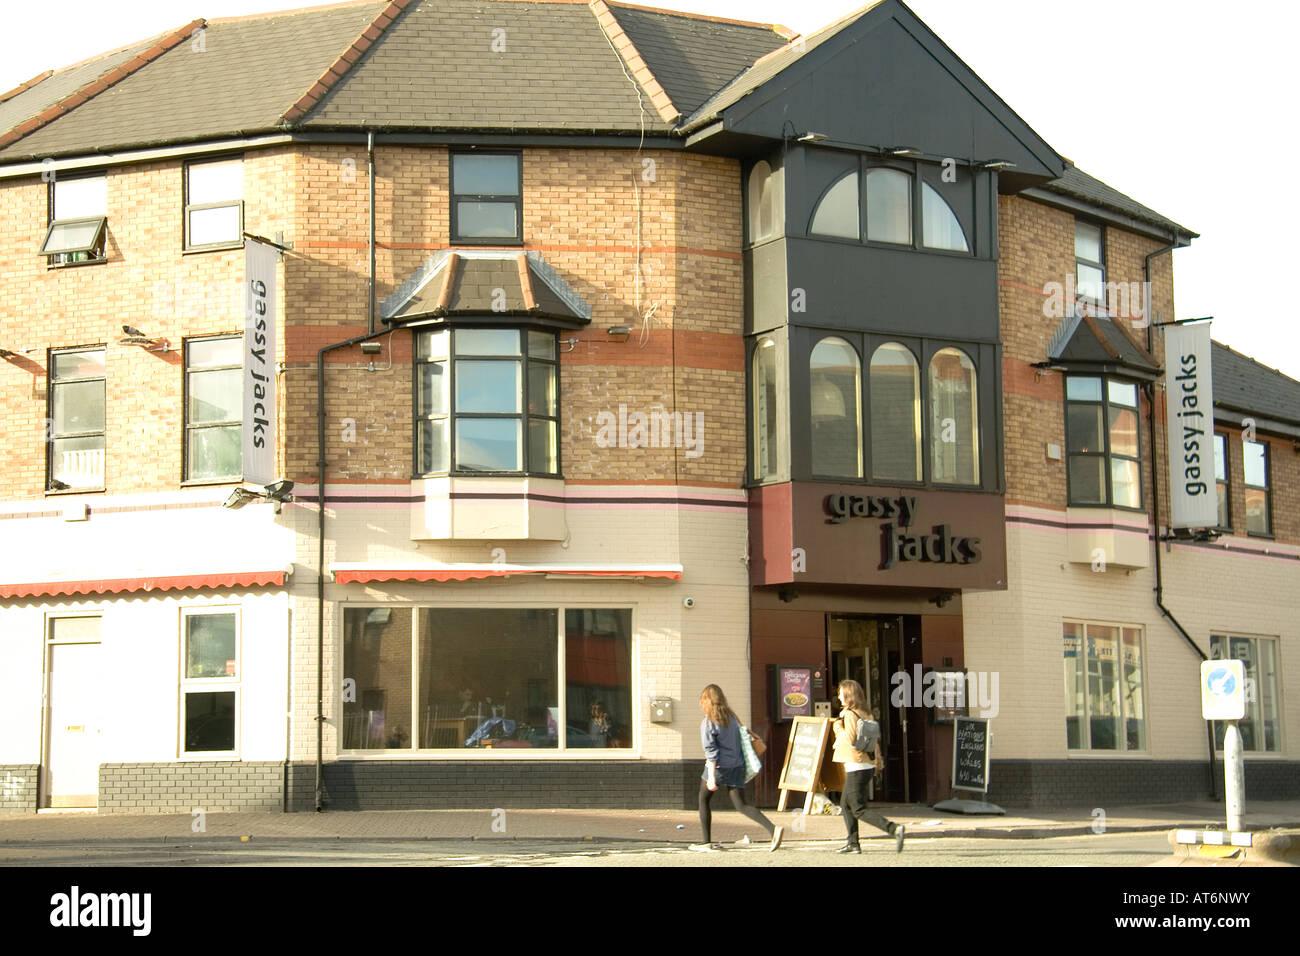 Gassy Jack's pub Cardiff - Stock Image